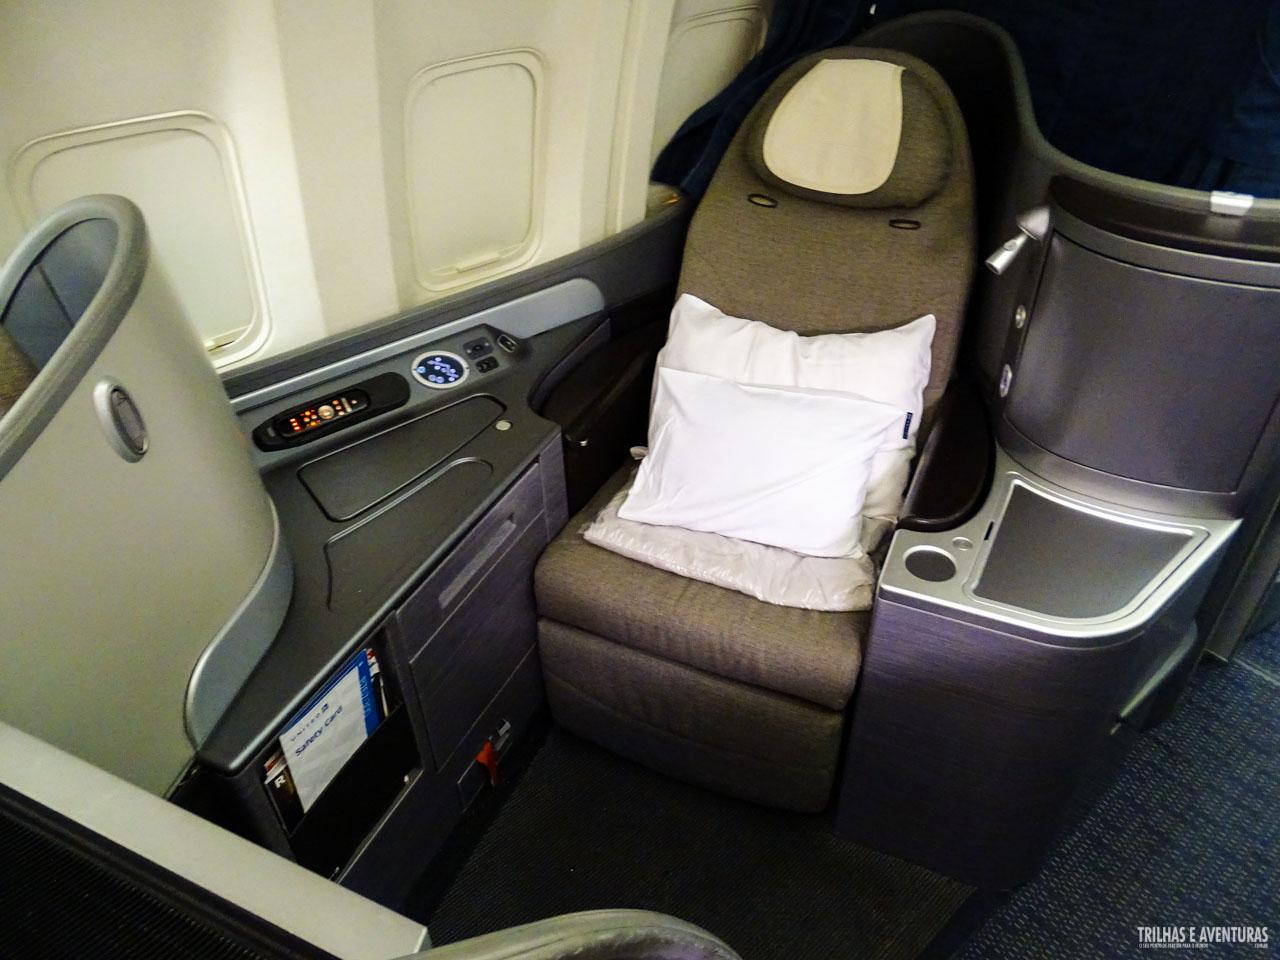 @aventureiros's cover photo for 'SDU x IAD - Voando United Airlines na Economy Plus e Business Class - Viagens Possíveis'